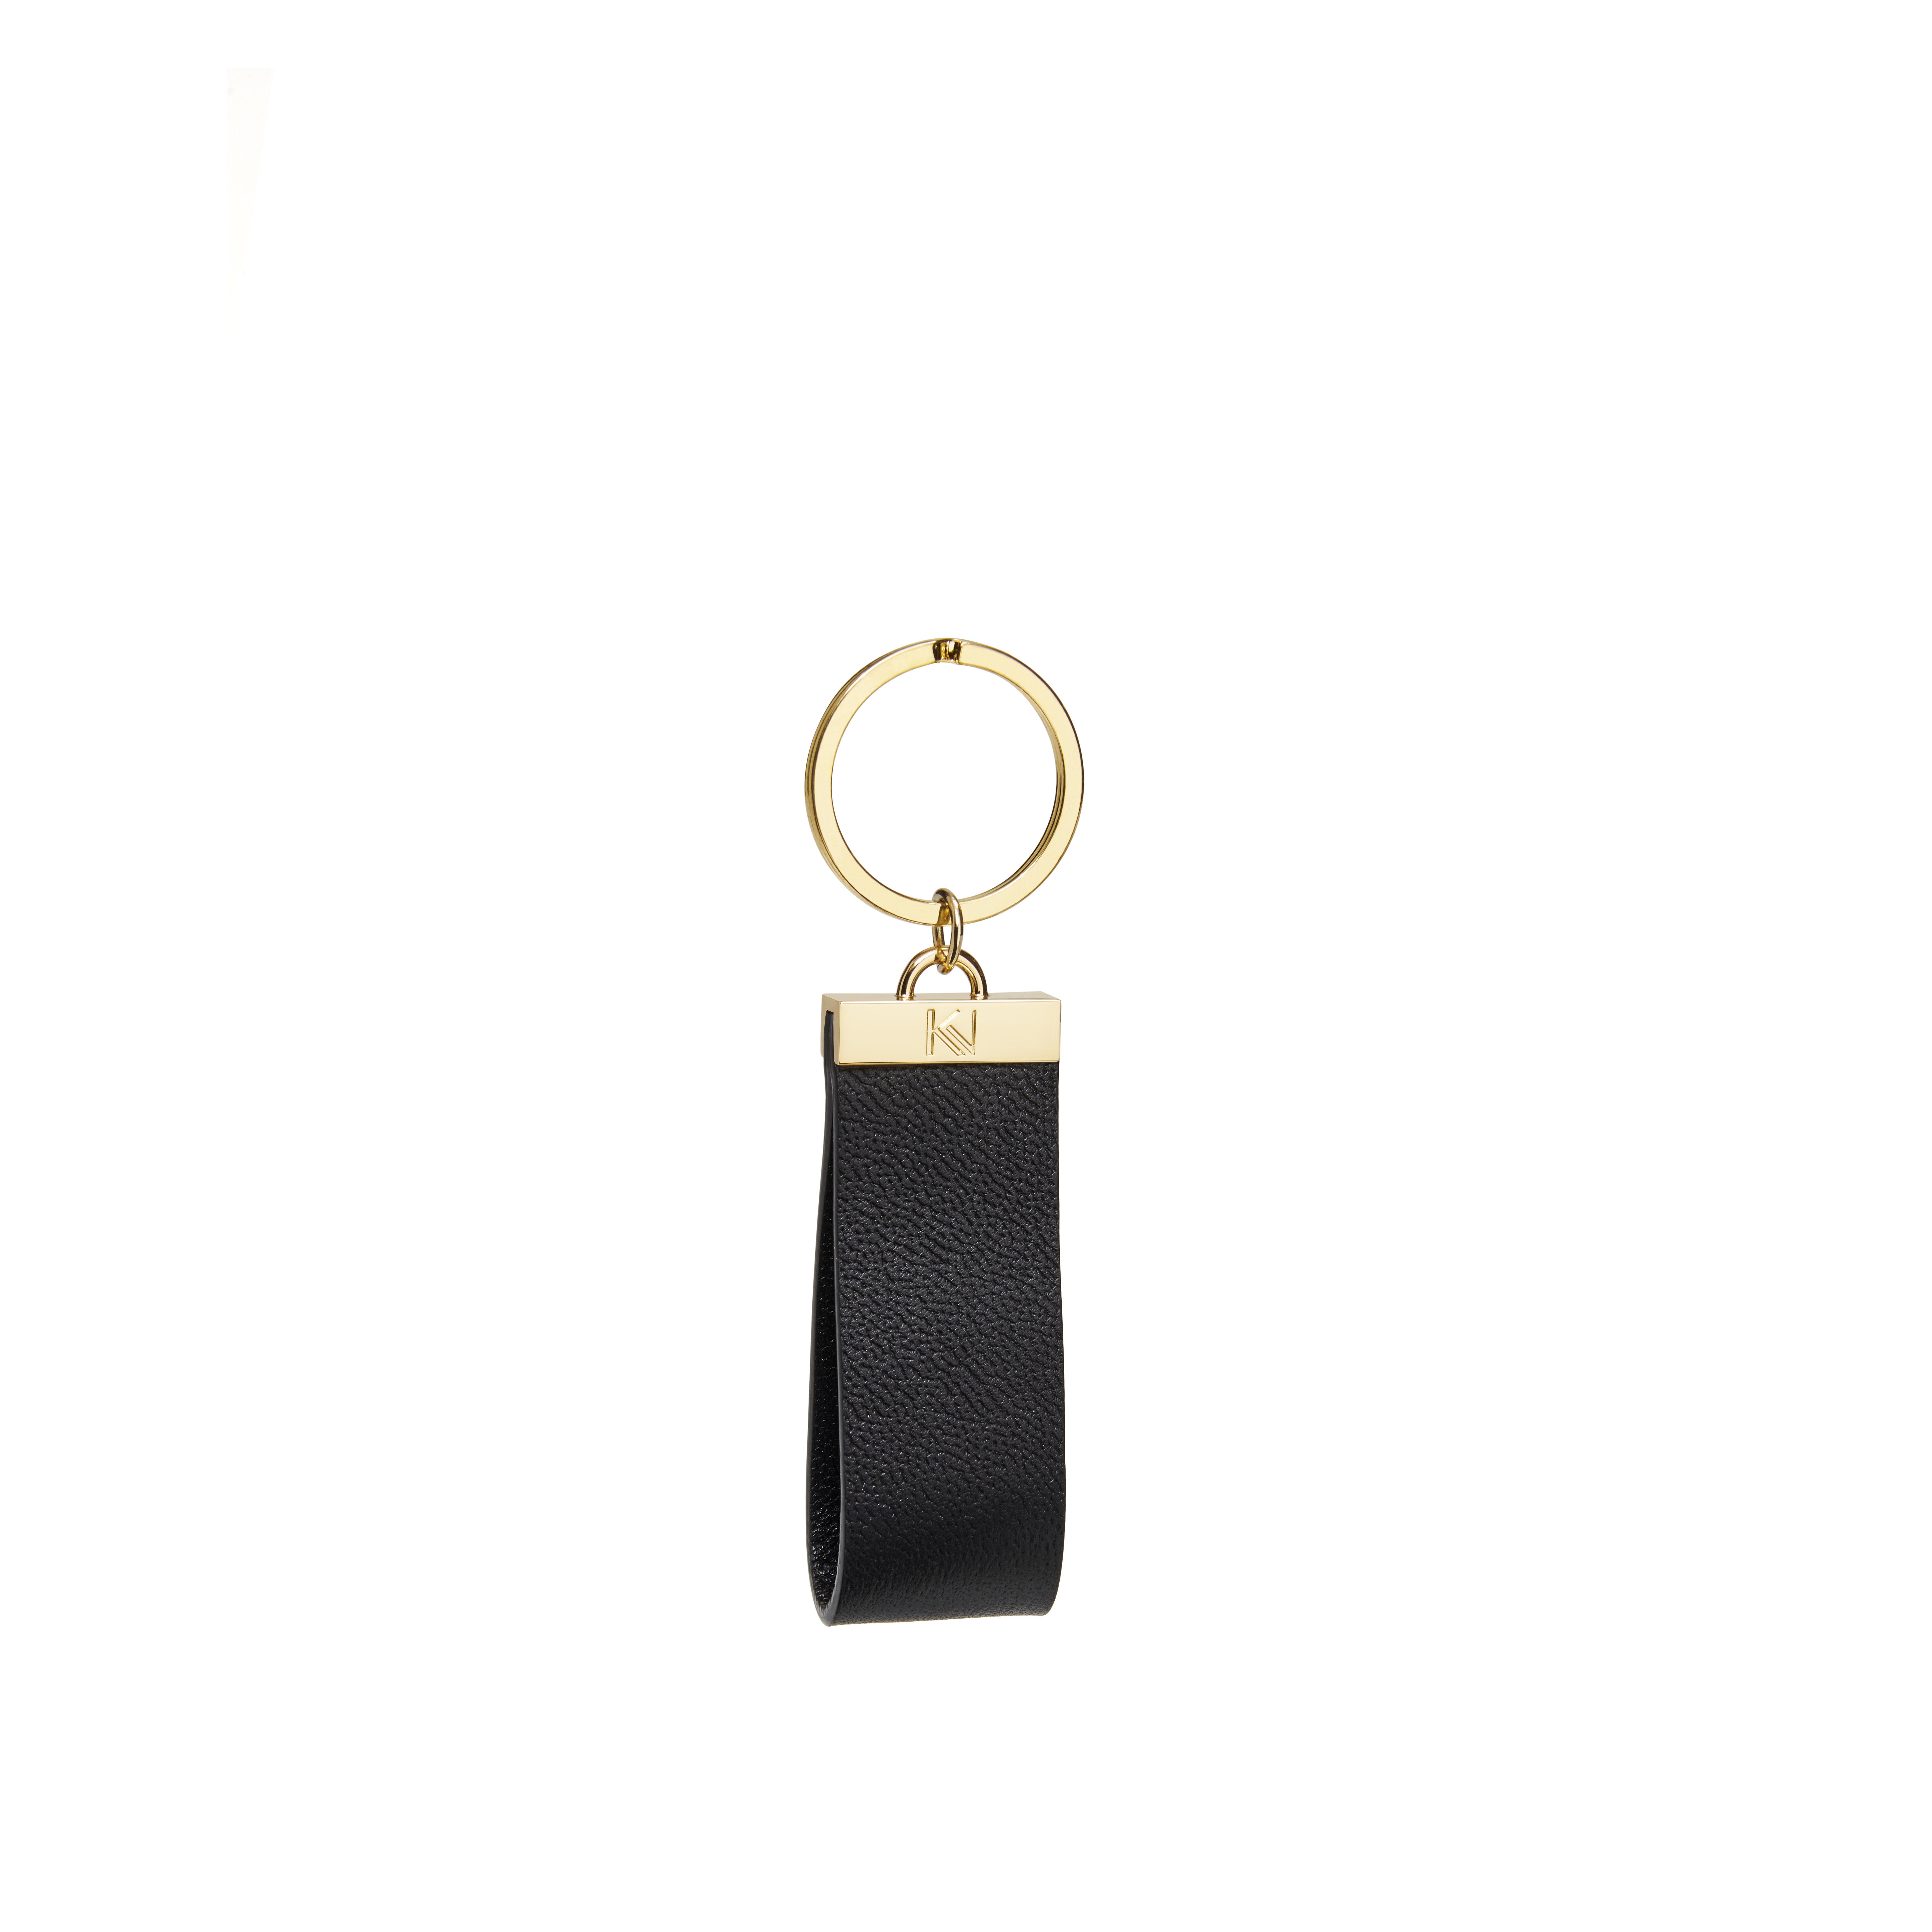 porte-clés-cuir-grainé-noir-gold-ingénieux-karenvogt-1